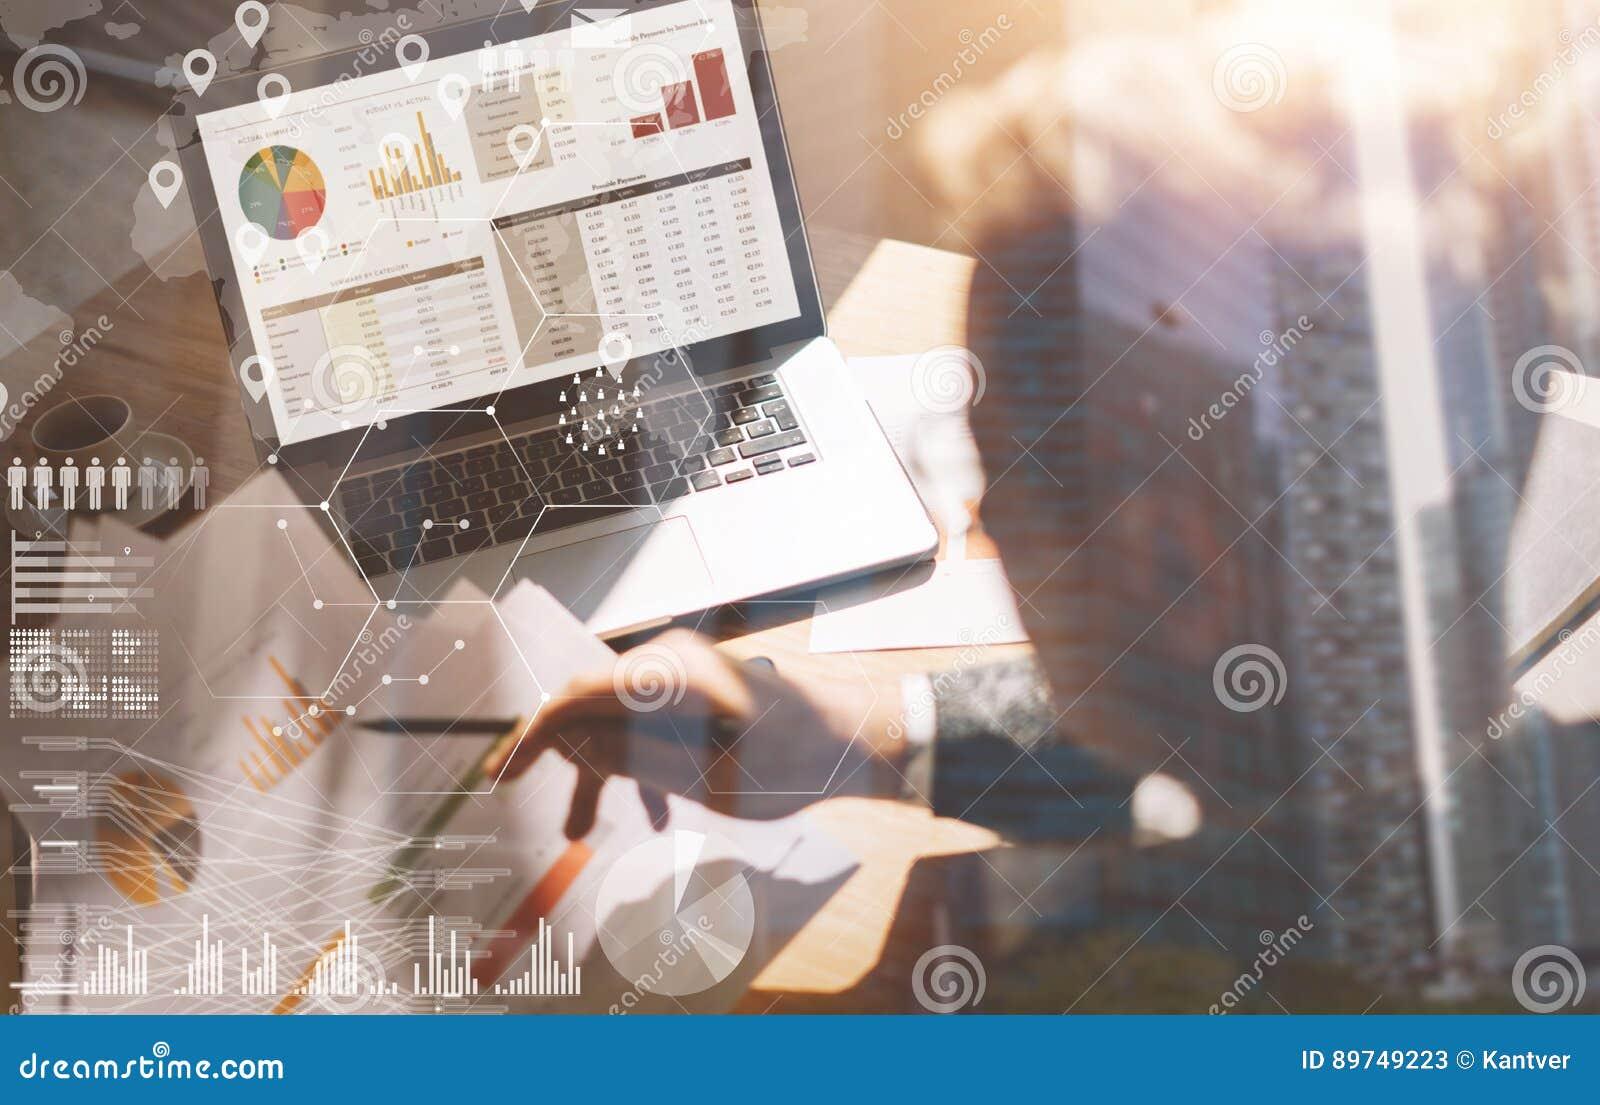 Uomo d affari che lavora all ufficio sul computer portatile Documenti cartacei della tenuta dell uomo in mani Concetto dello sche